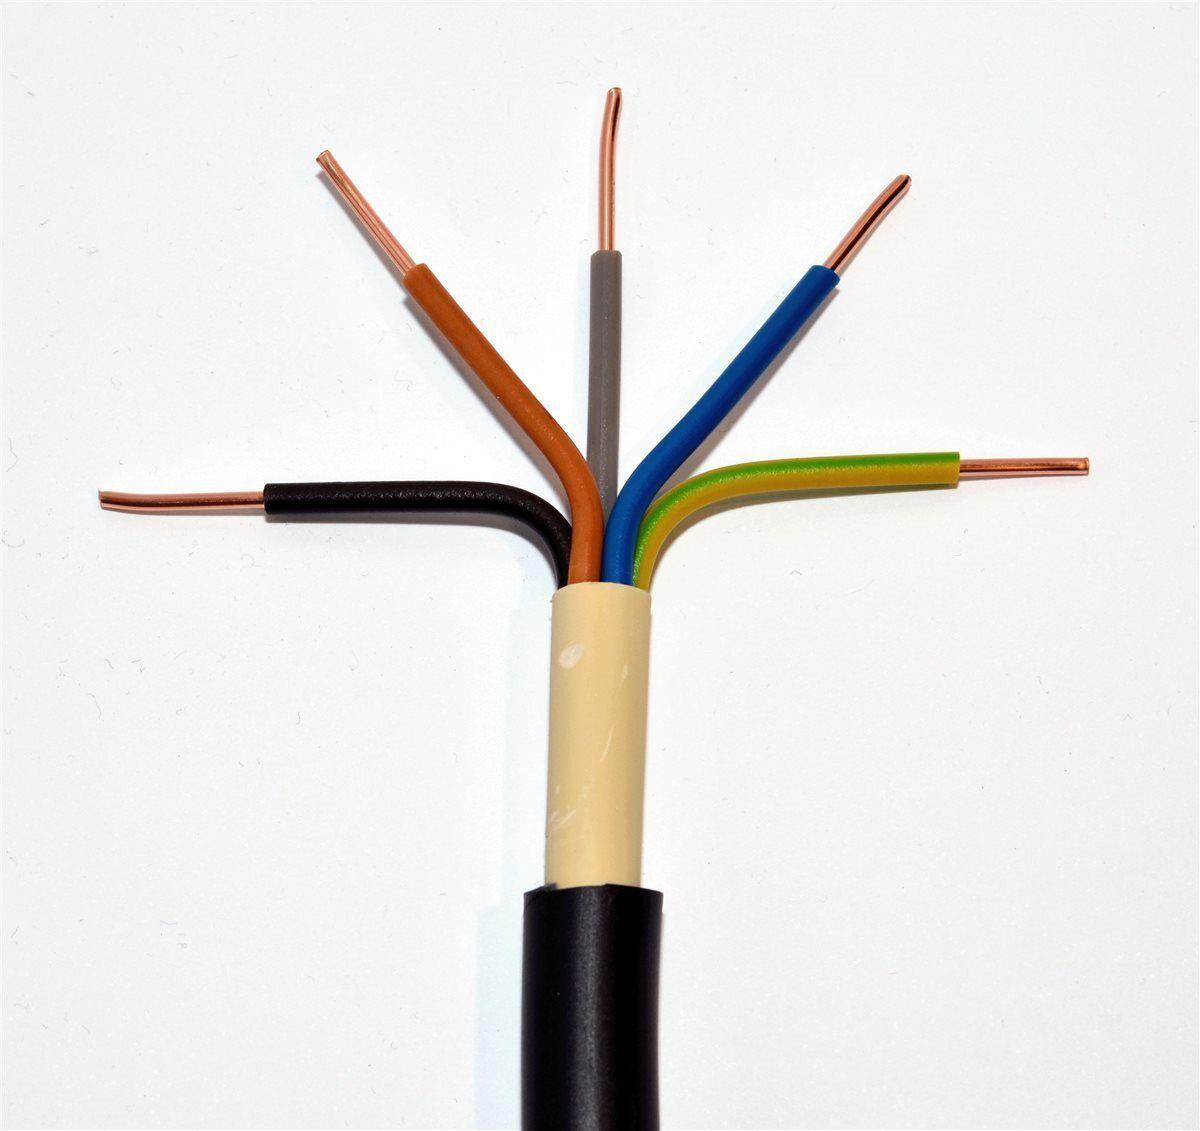 Erdkabel NYY-J 5x2,5 mm² schwarz Ring 50m 50m 50m 5x2,5qmm | Spaß  0d8af6